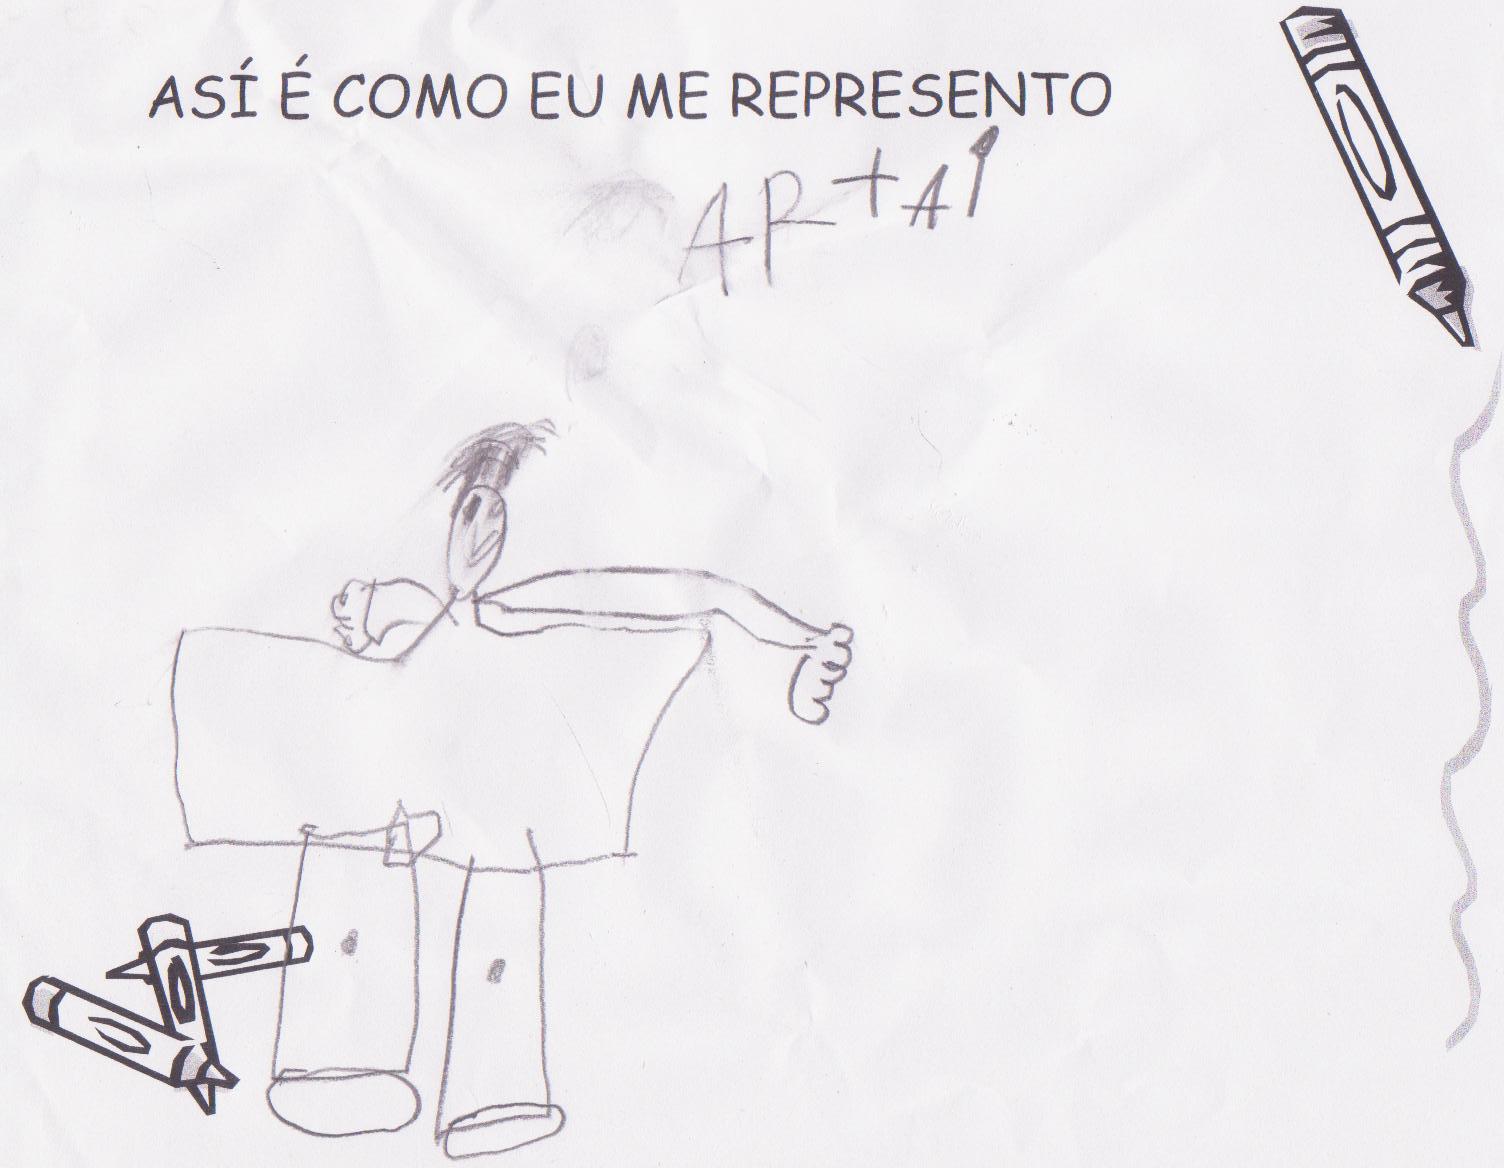 [asi+é+como+eu+me+represento+001.jpg]